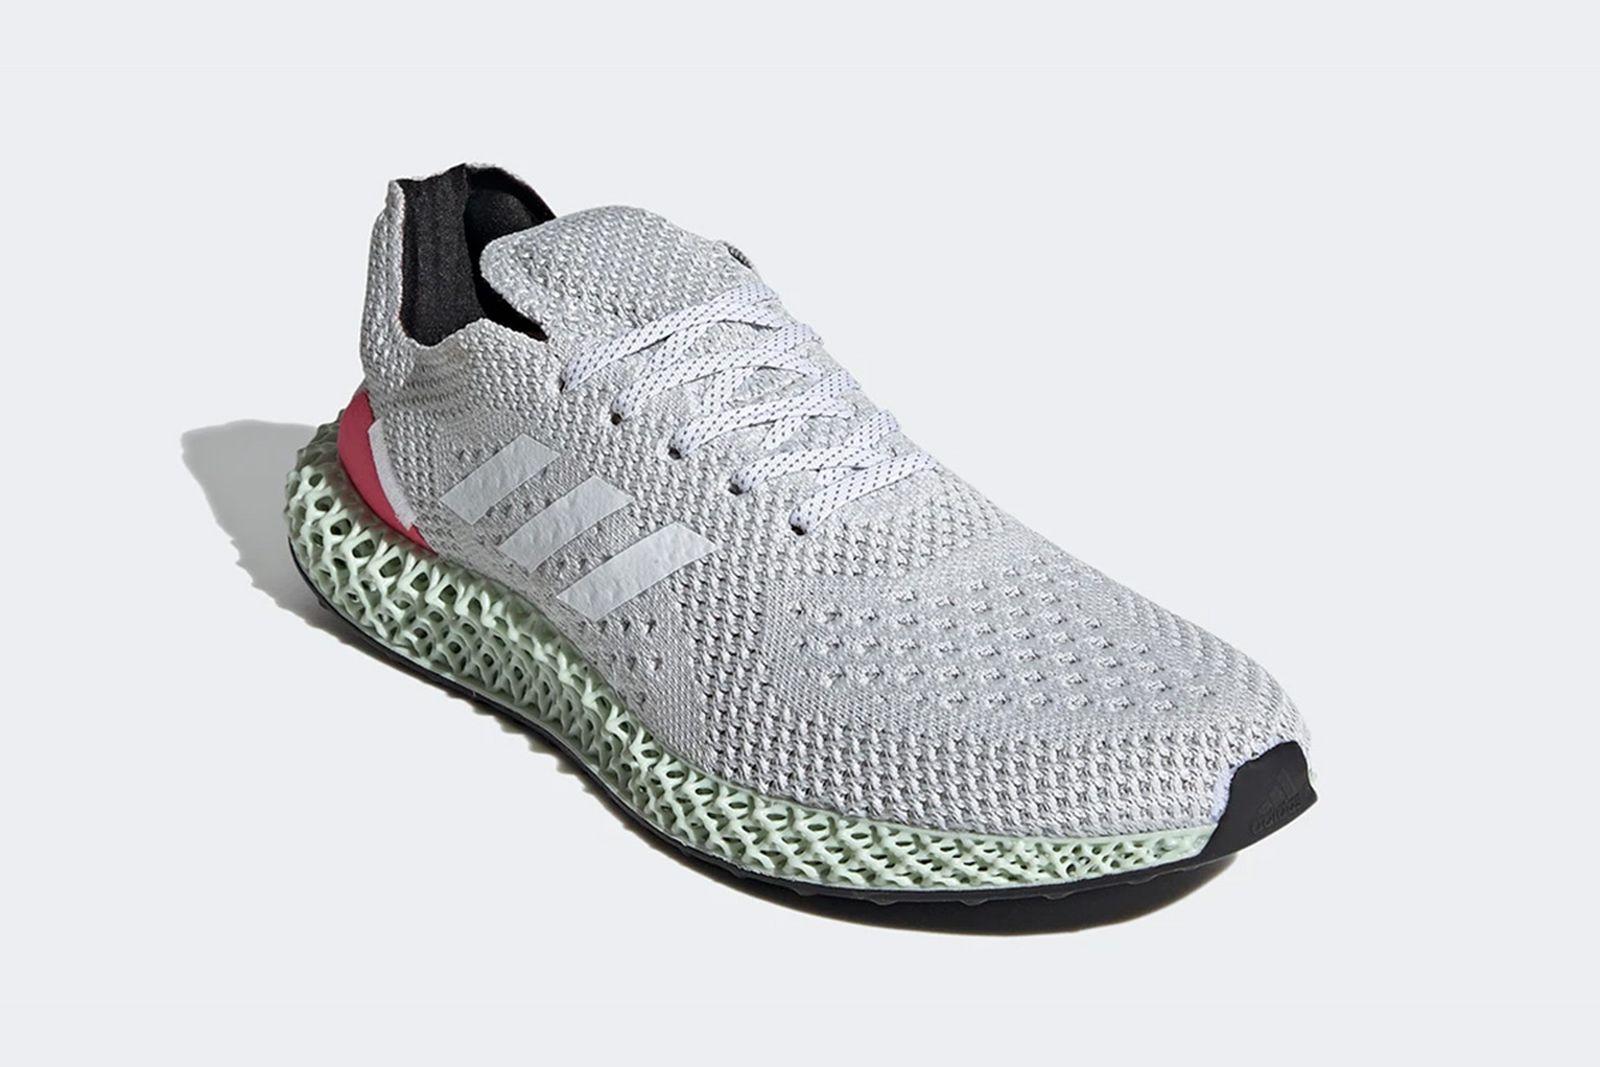 adidas-4d-runner-aec-release-date-price-03